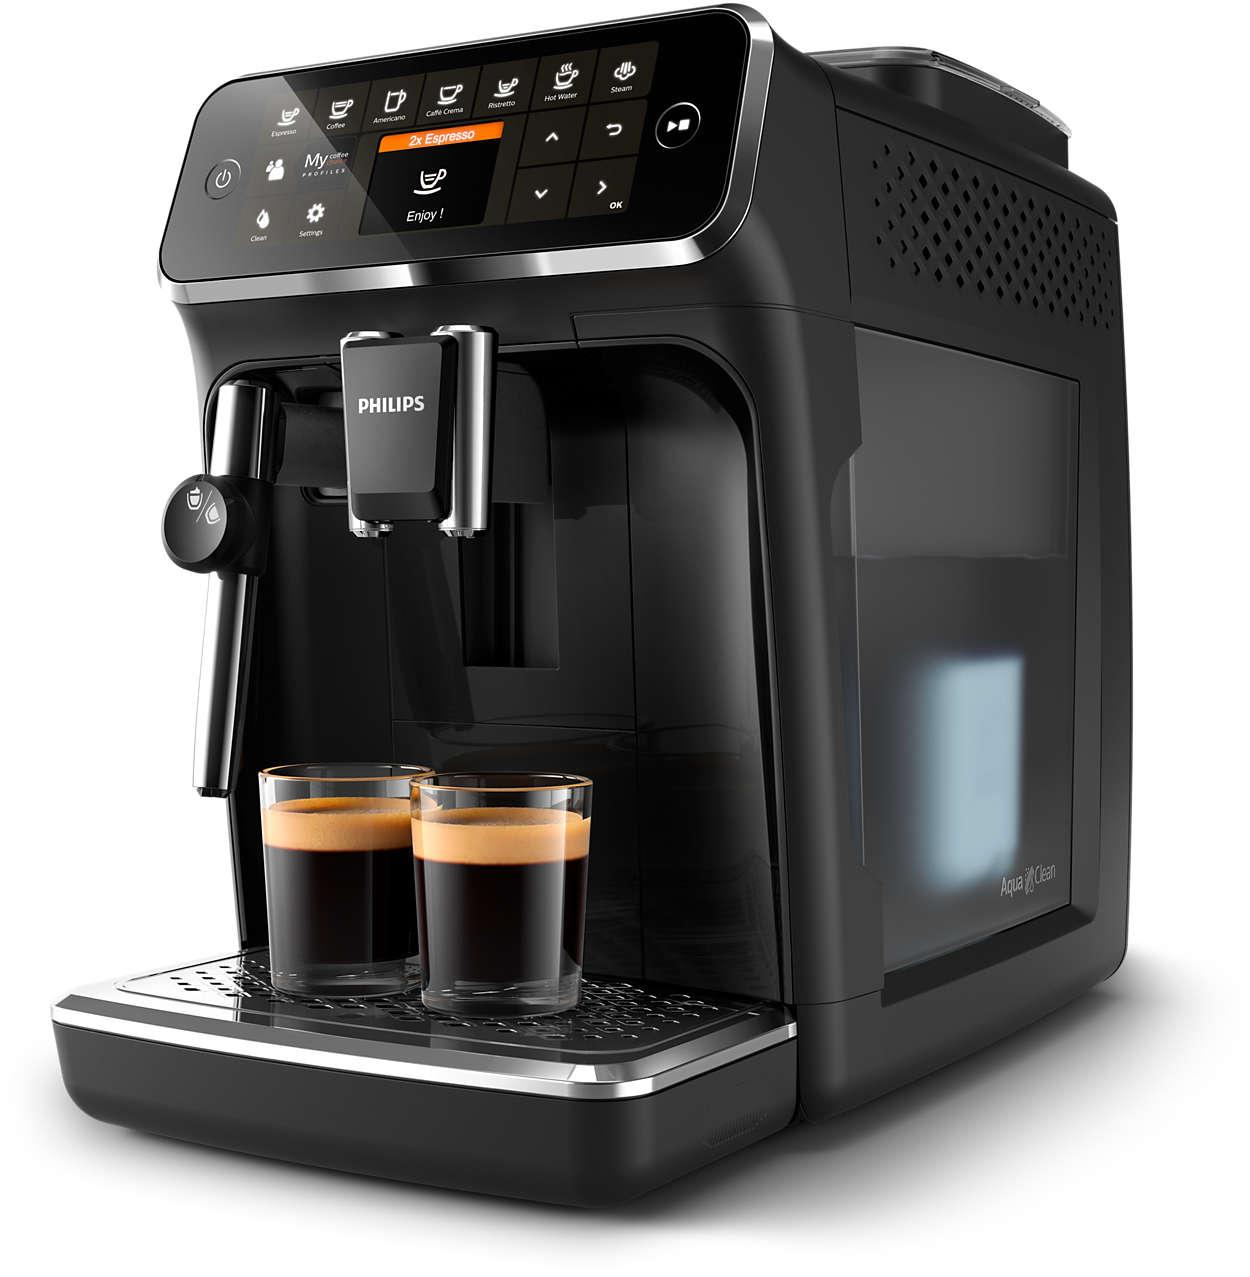 ชงกาแฟจากเมล็ดกาแฟสดแสนอร่อยทั้ง 5 แบบได้อย่างง่ายดาย